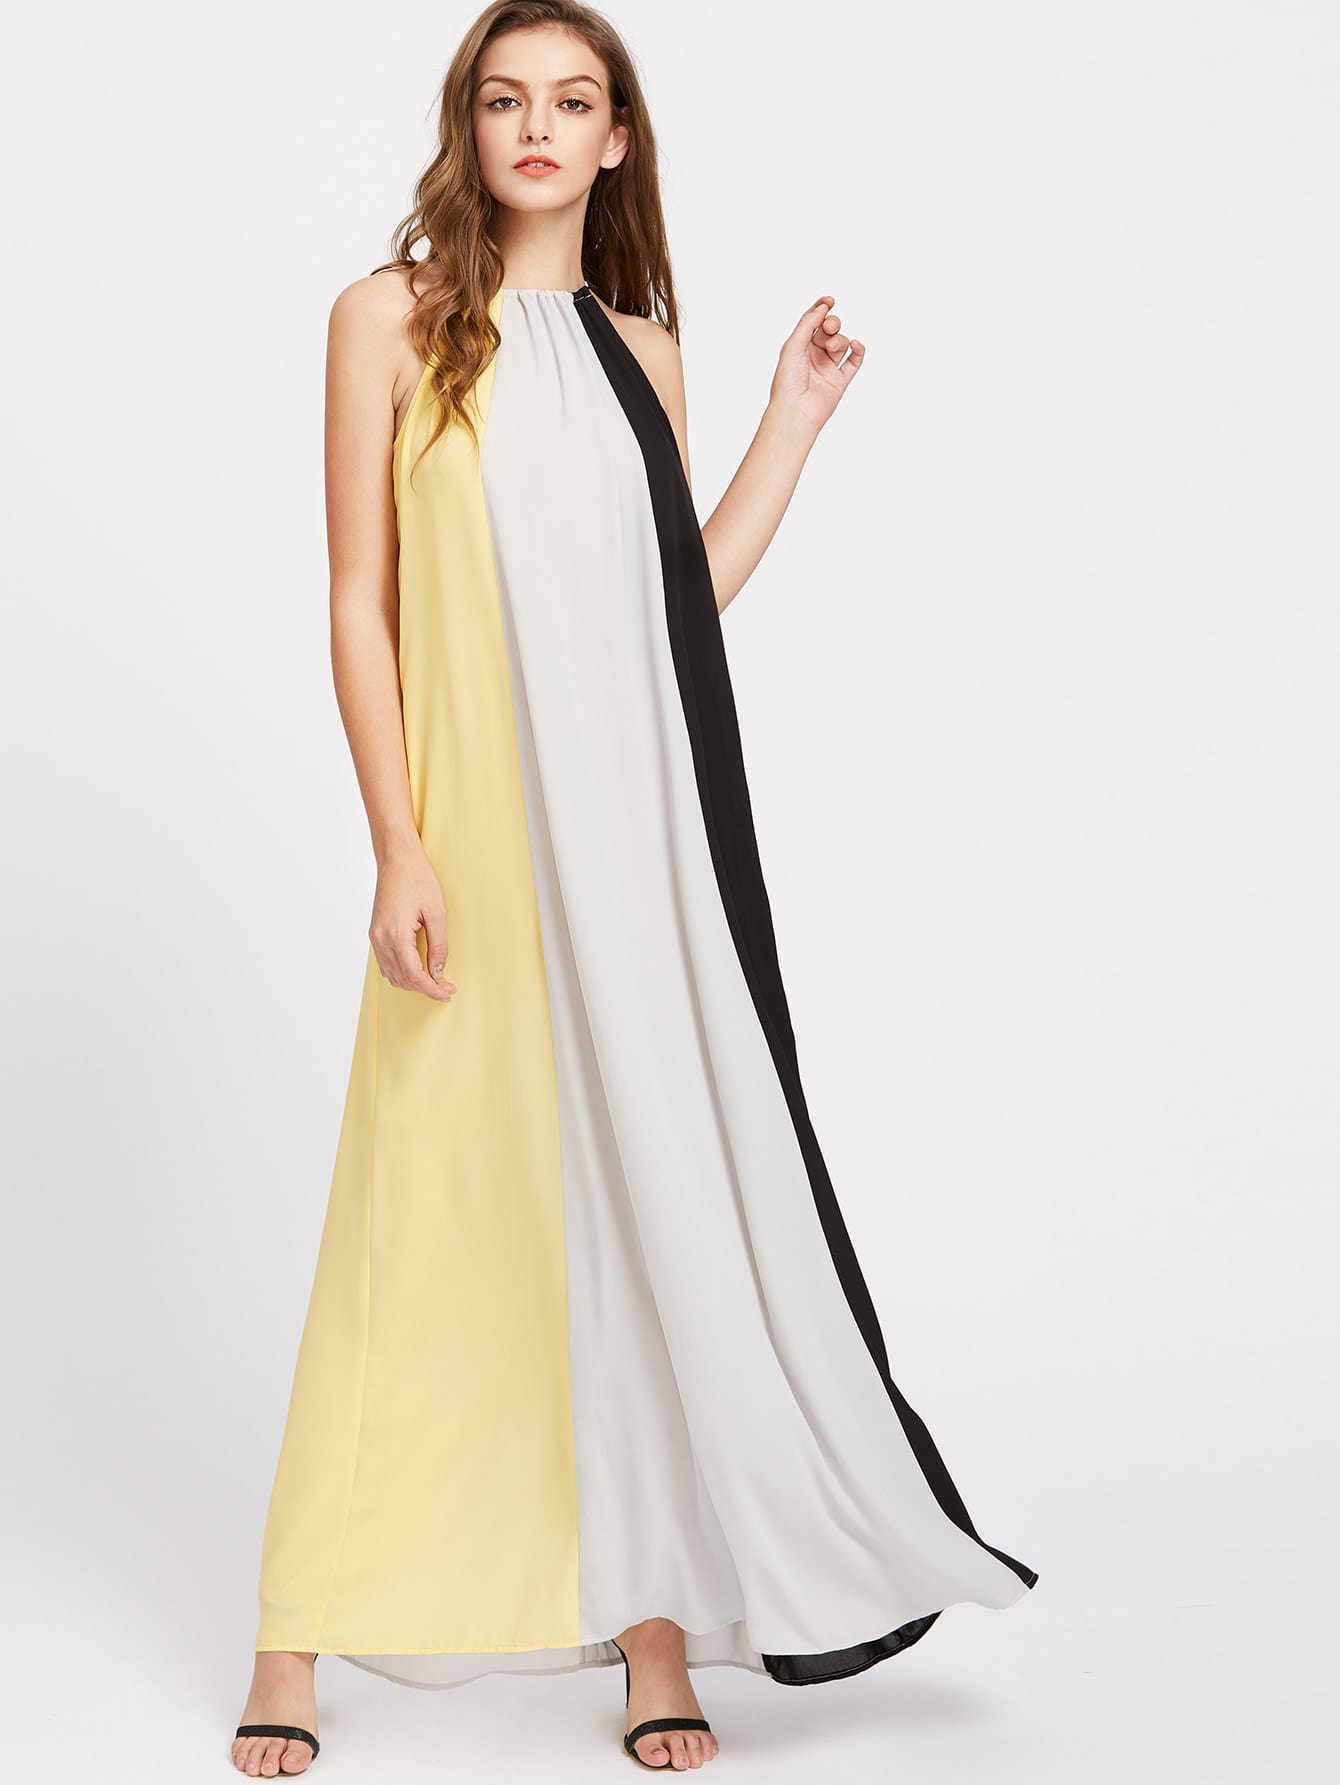 dress170425702_2